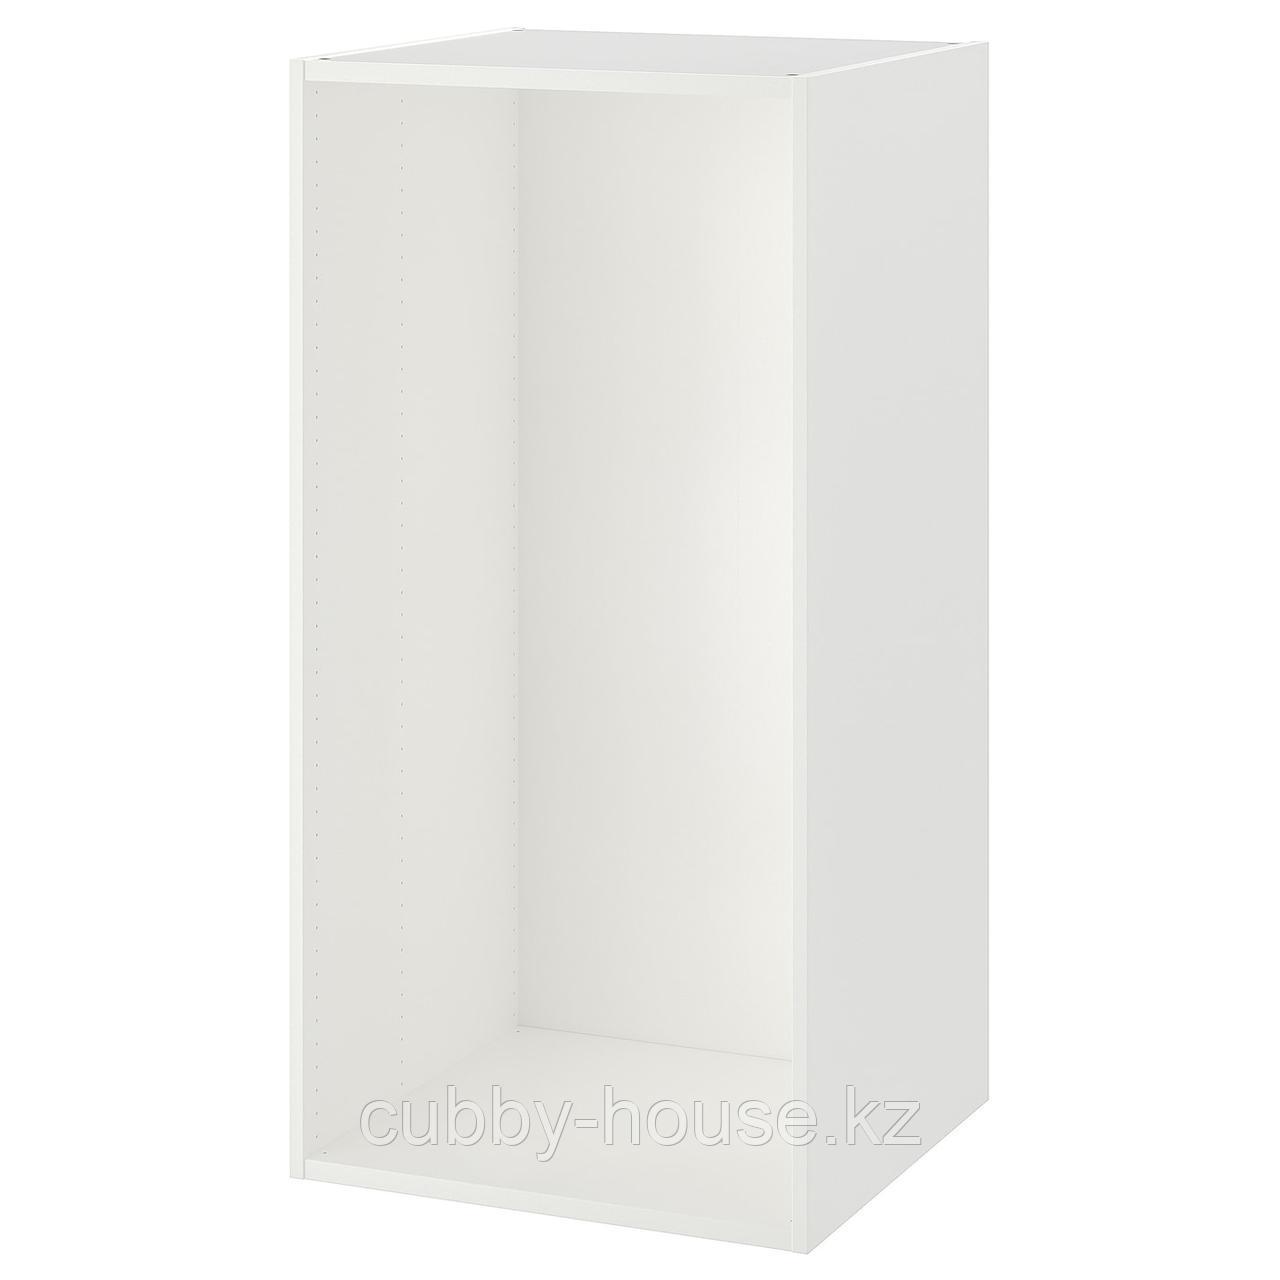 ОПХУС Каркас, белый, 60x55x120 см